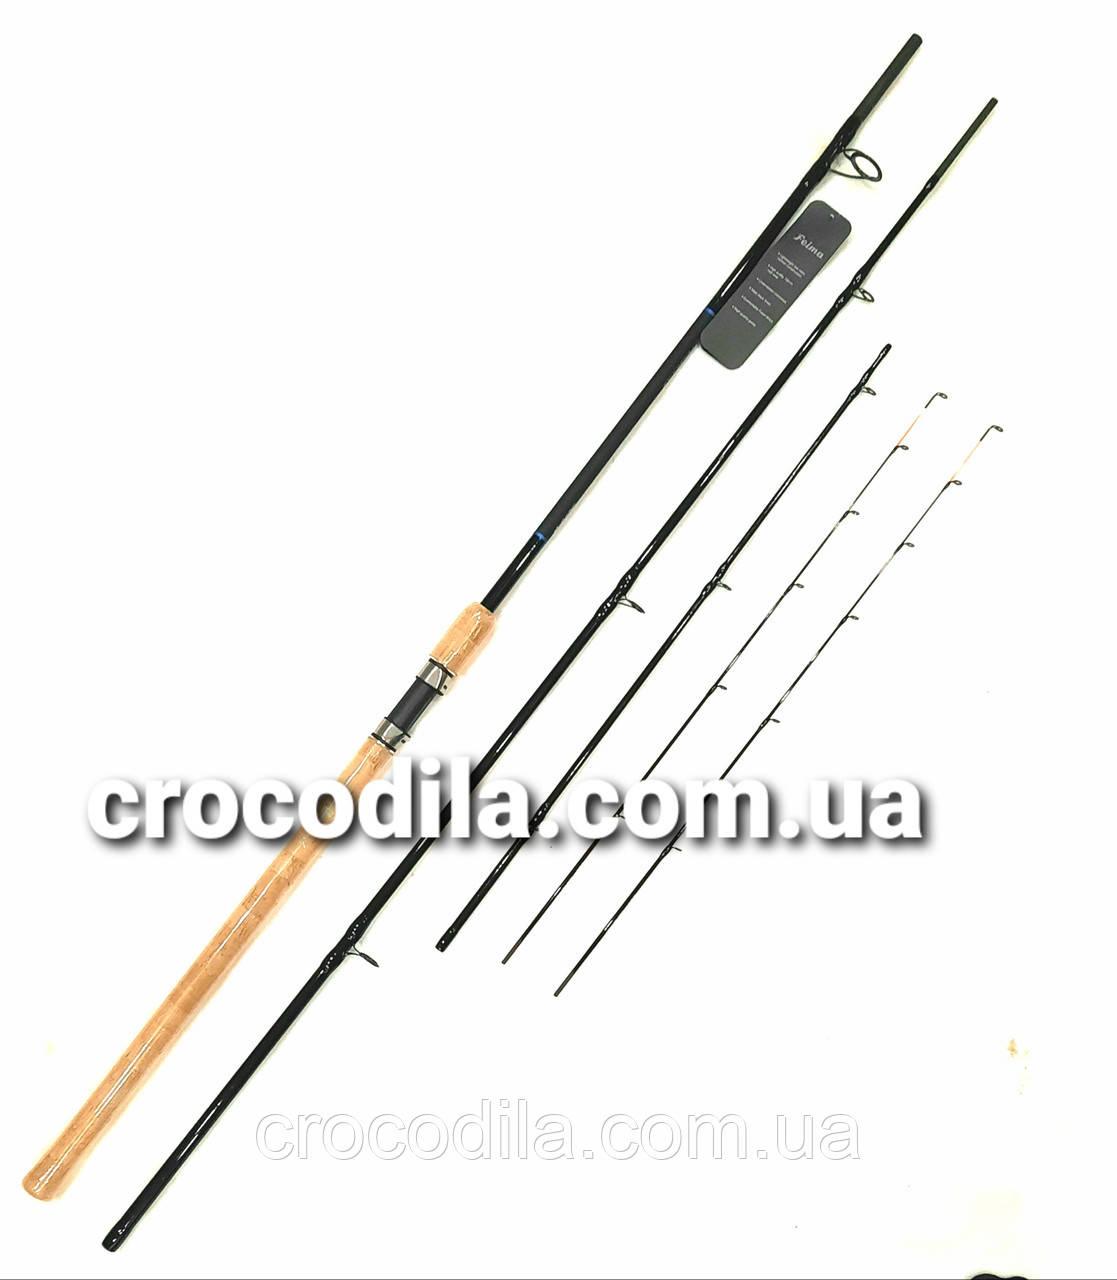 Фидерное удилище Feima Matrix AQUOS ultra-D 3.6 м 90 грамм